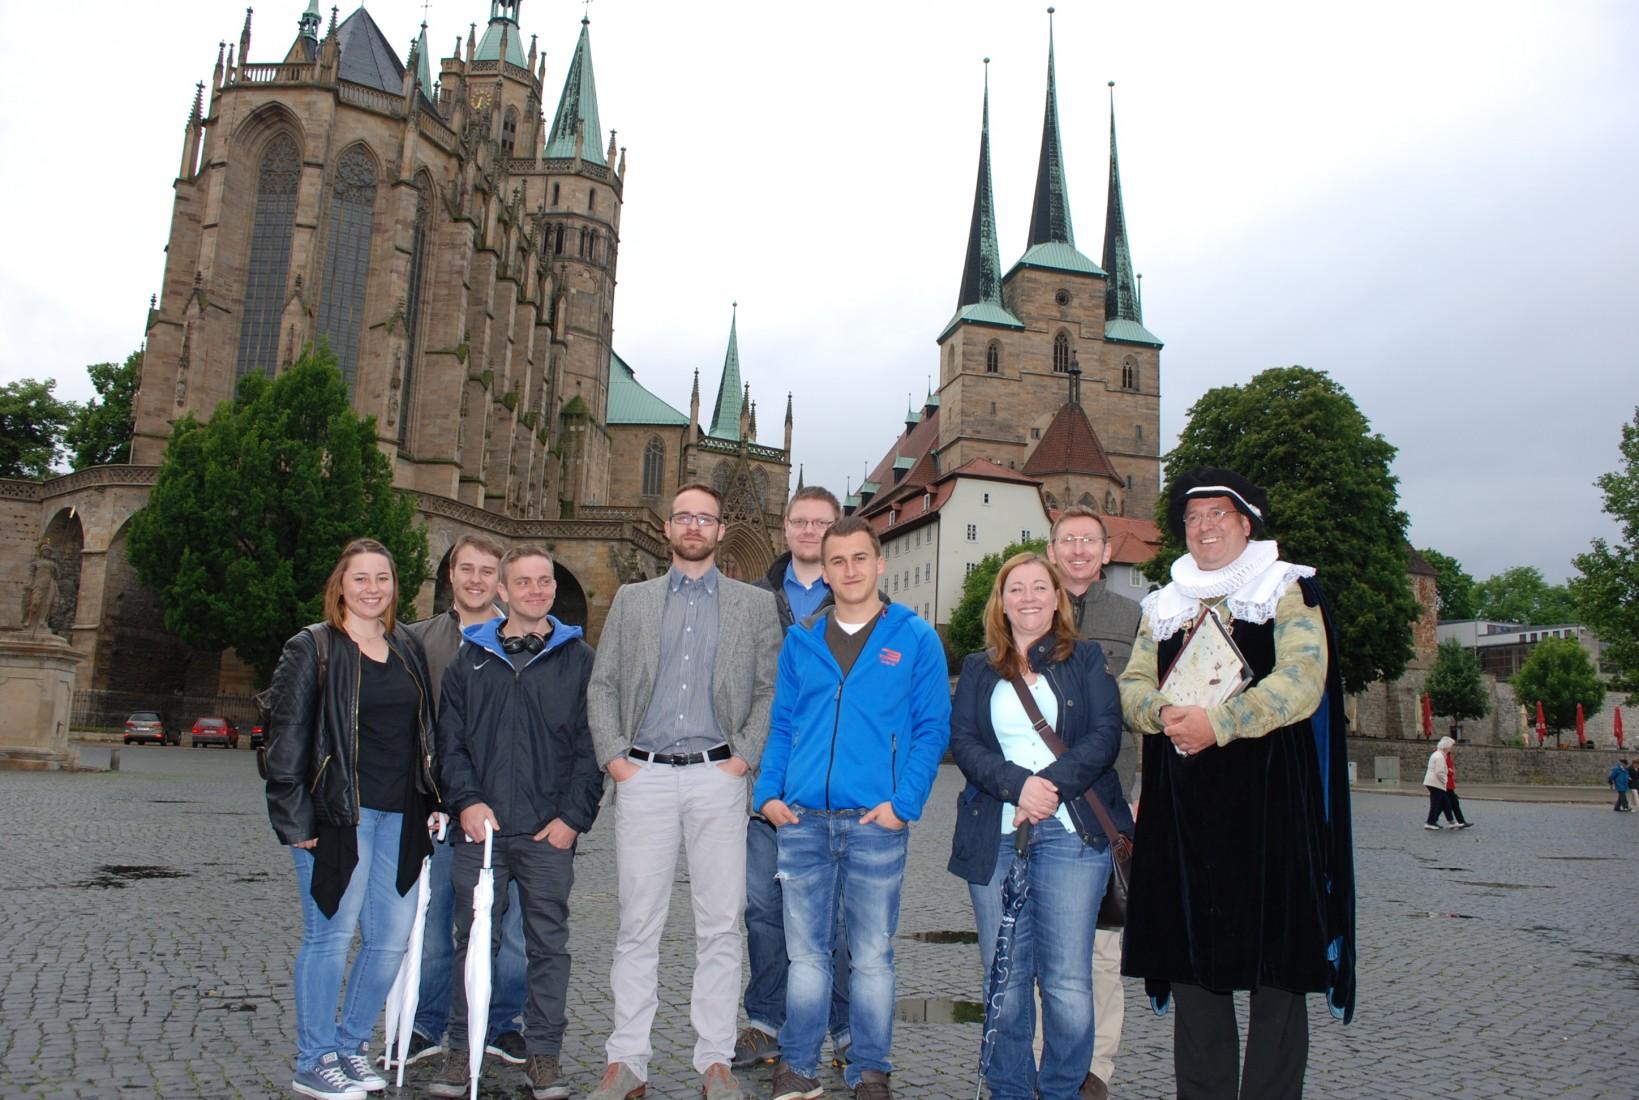 Die Gewinner der VIP-Reise (vorne, 1.–5.v.l.) mit Organisatoren und Stadtführer in Erfurt.